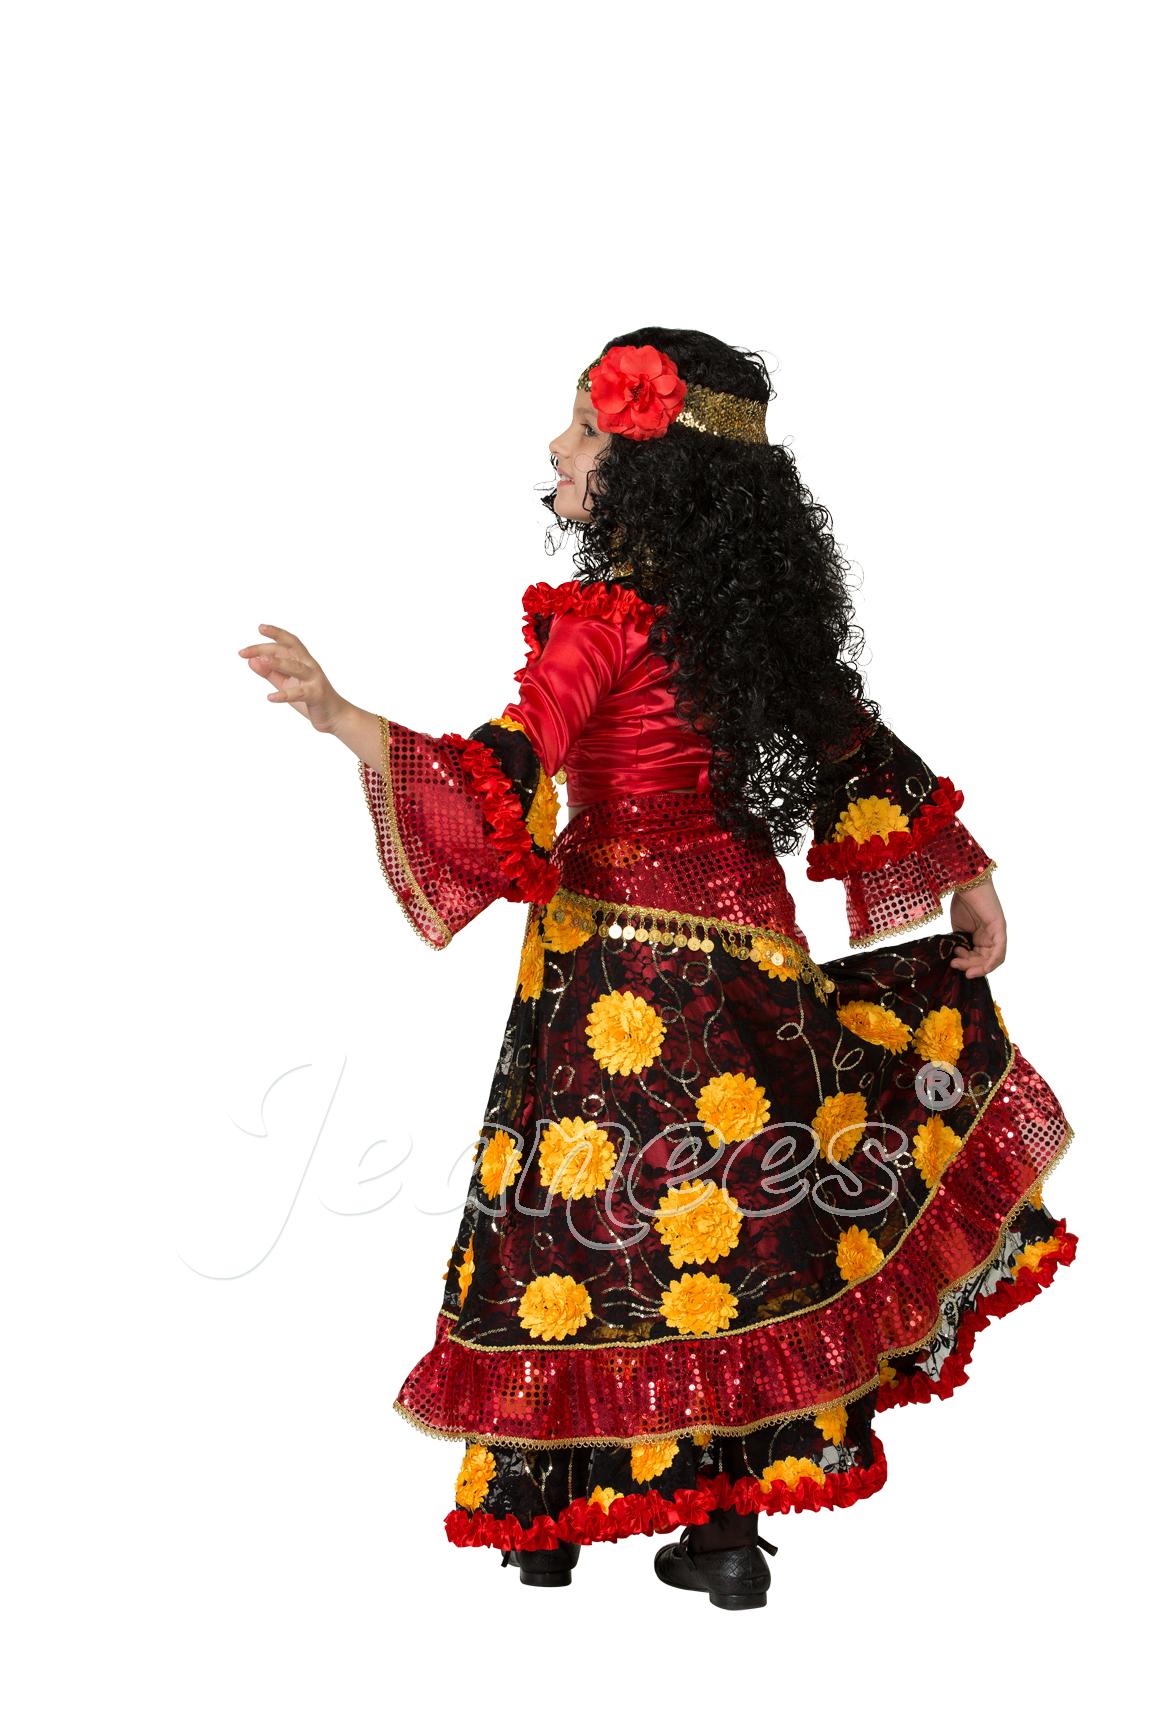 Цыганка-гадалка детский театральный костюм, изображение 3